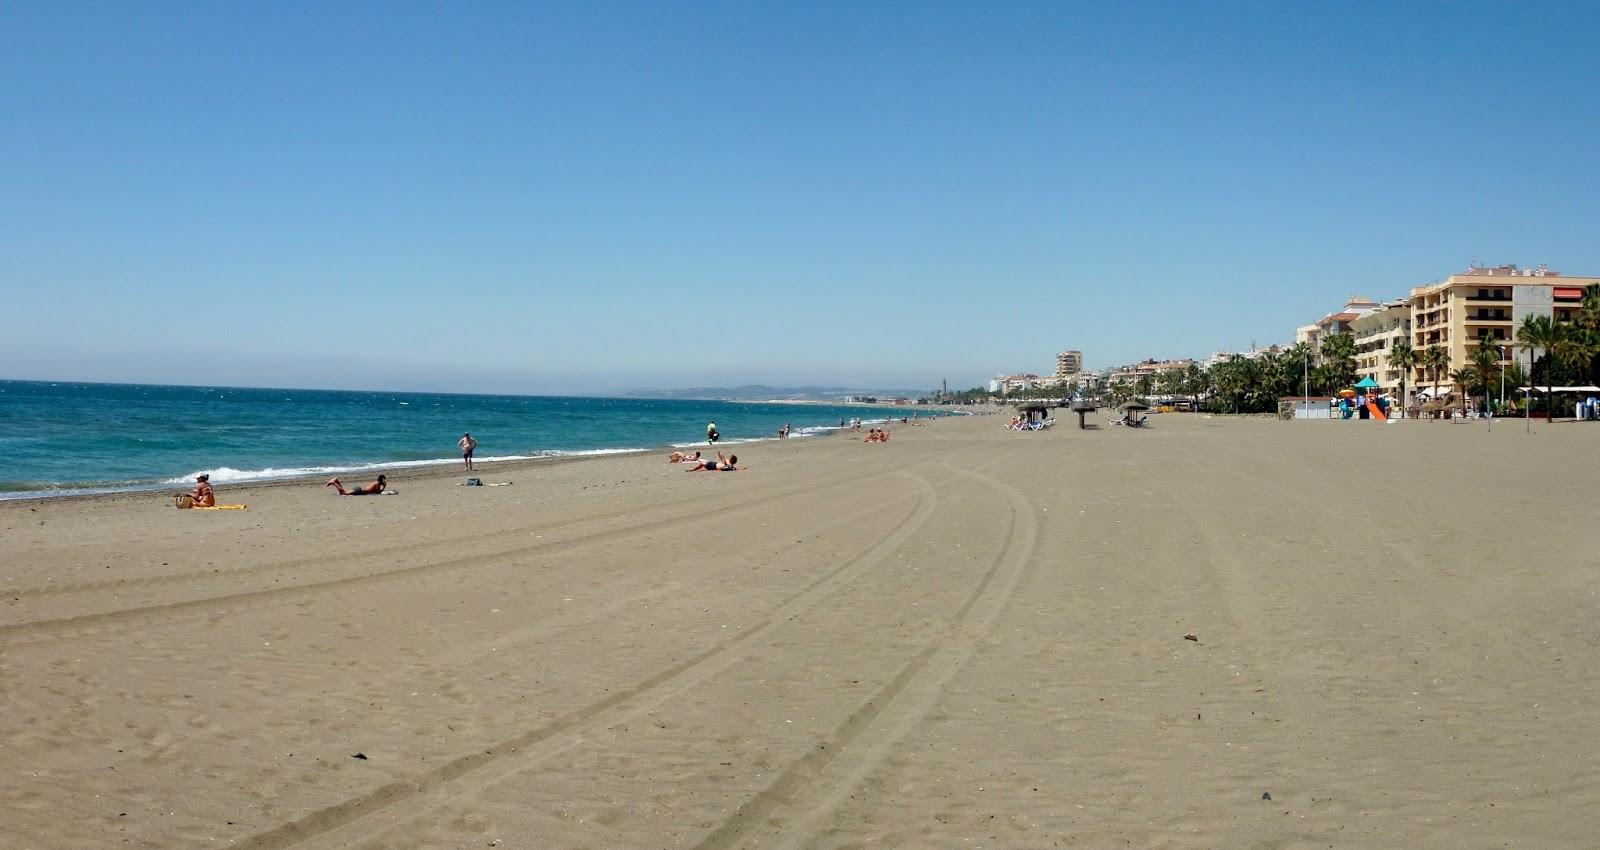 Tops L Beach Racquet Resort General Manager